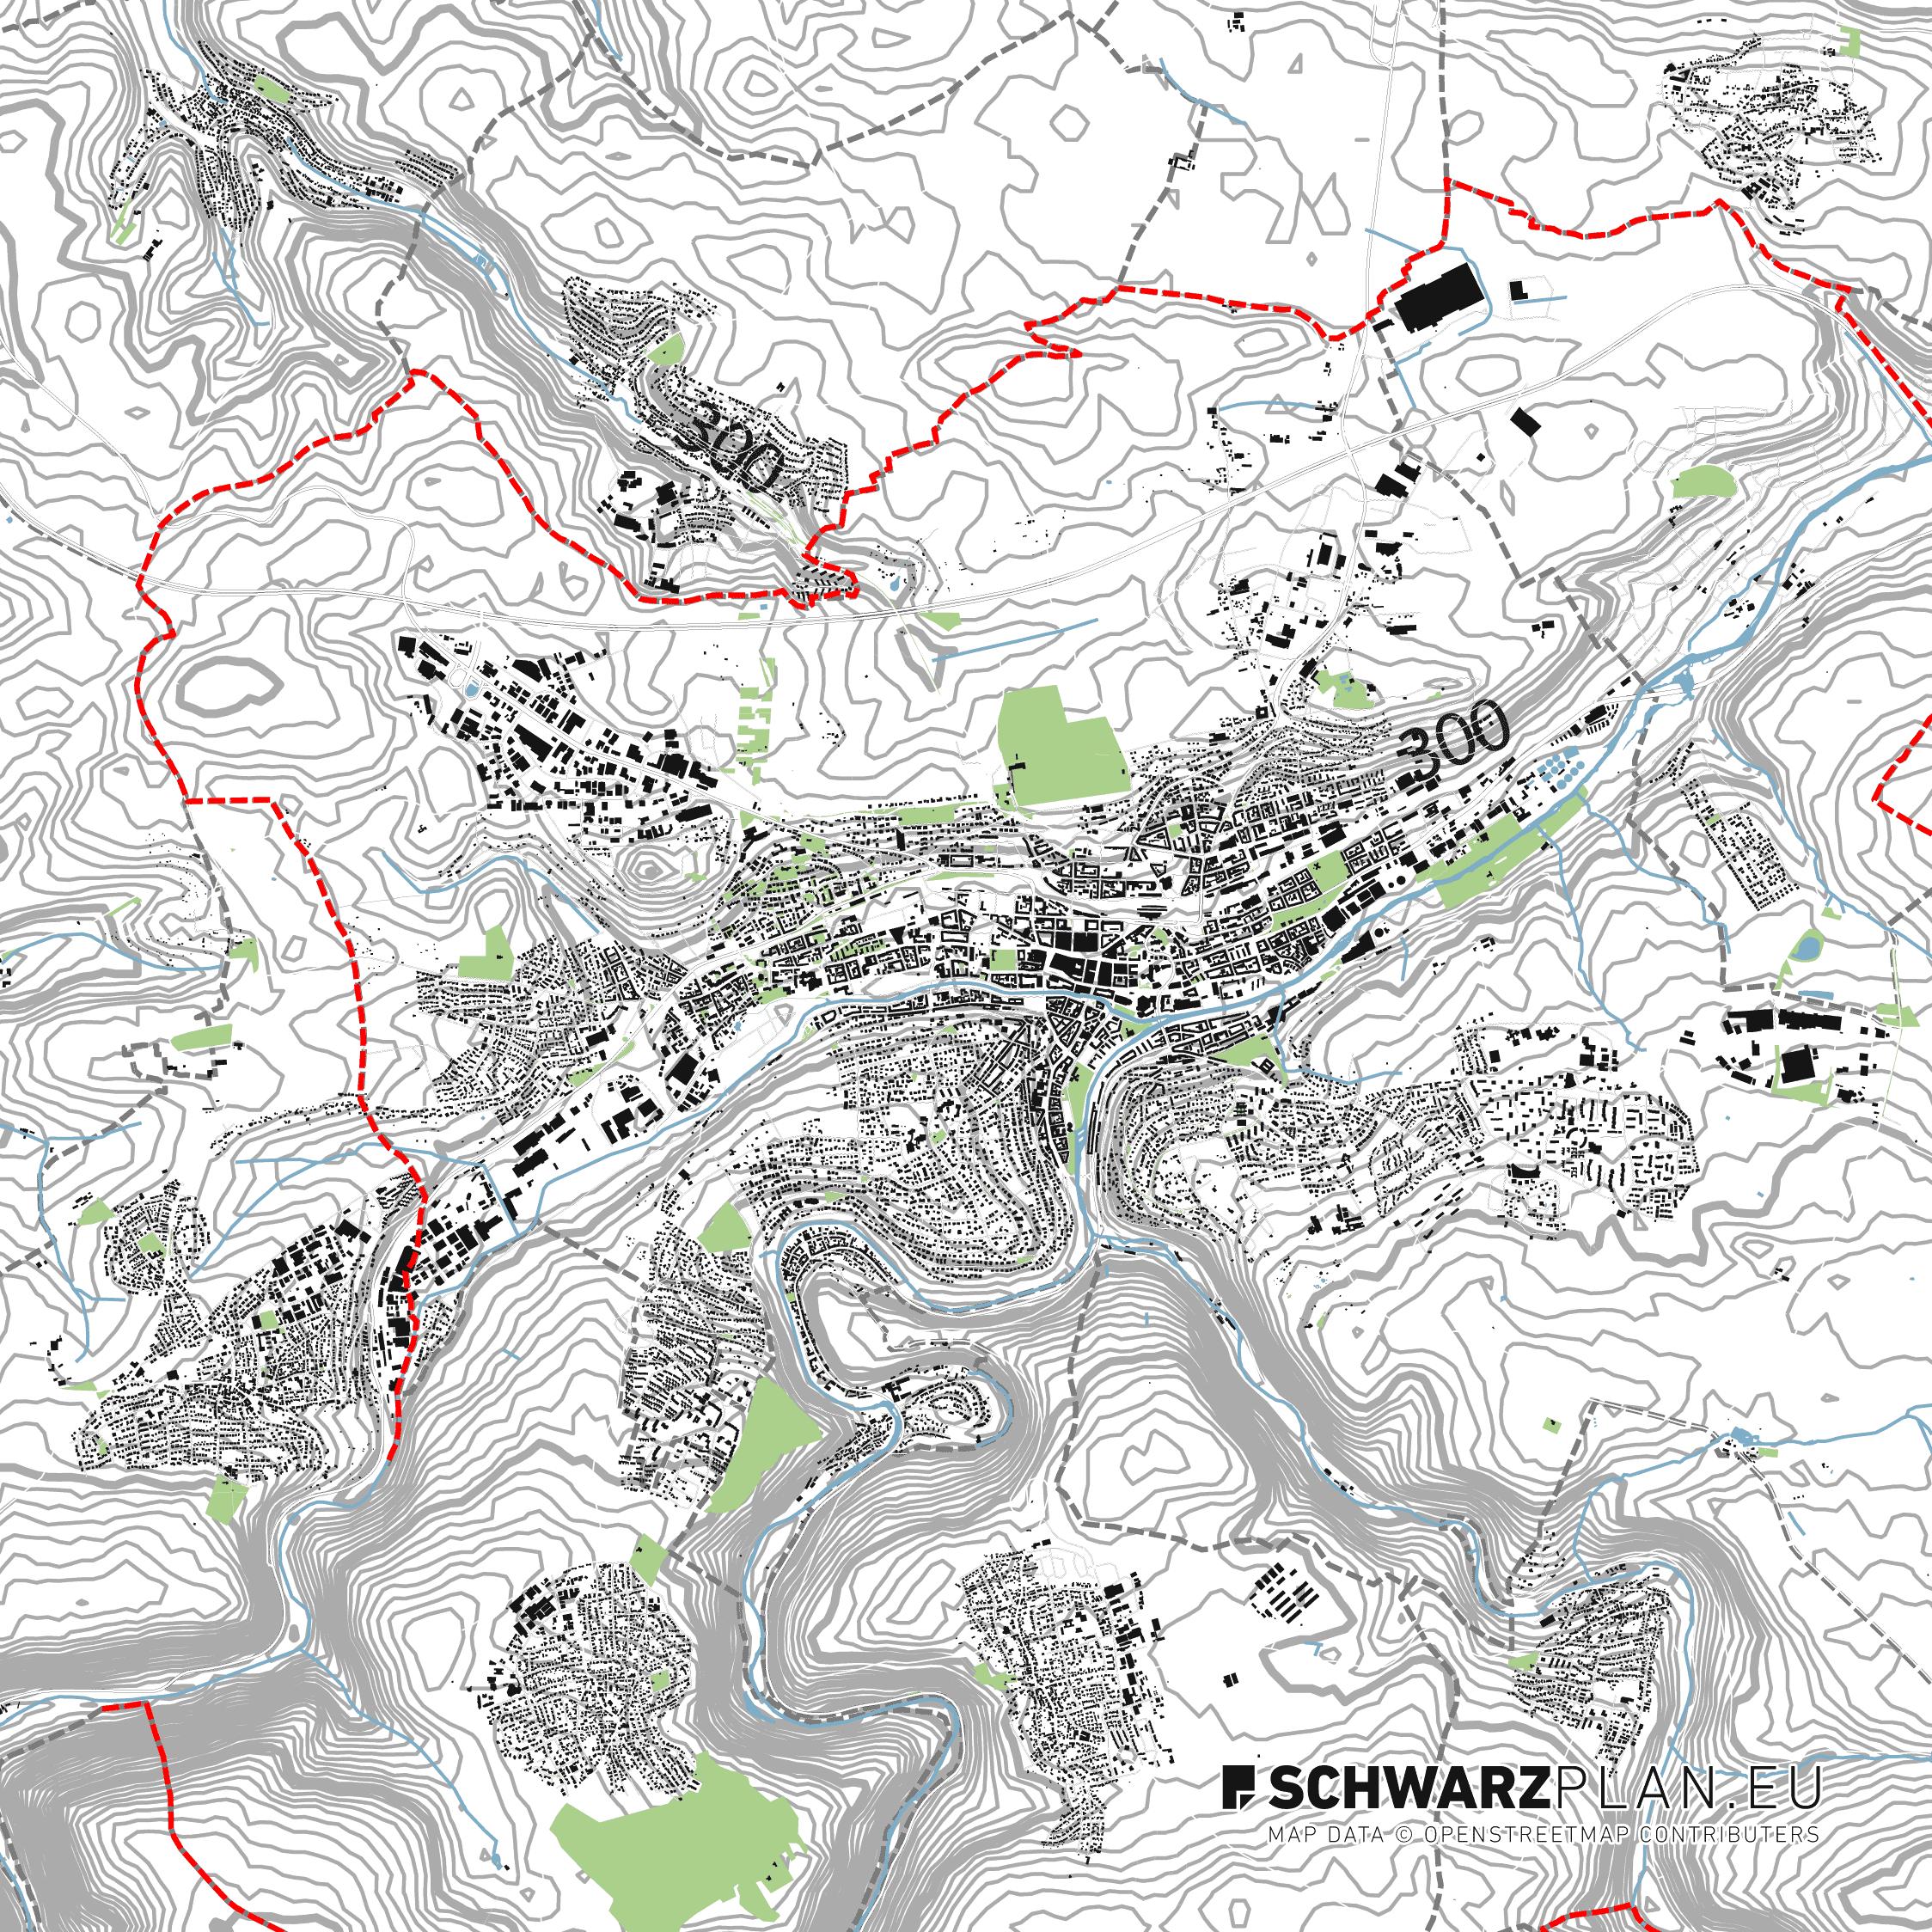 Lageplan von Pforzheim, Singen, Remchingen